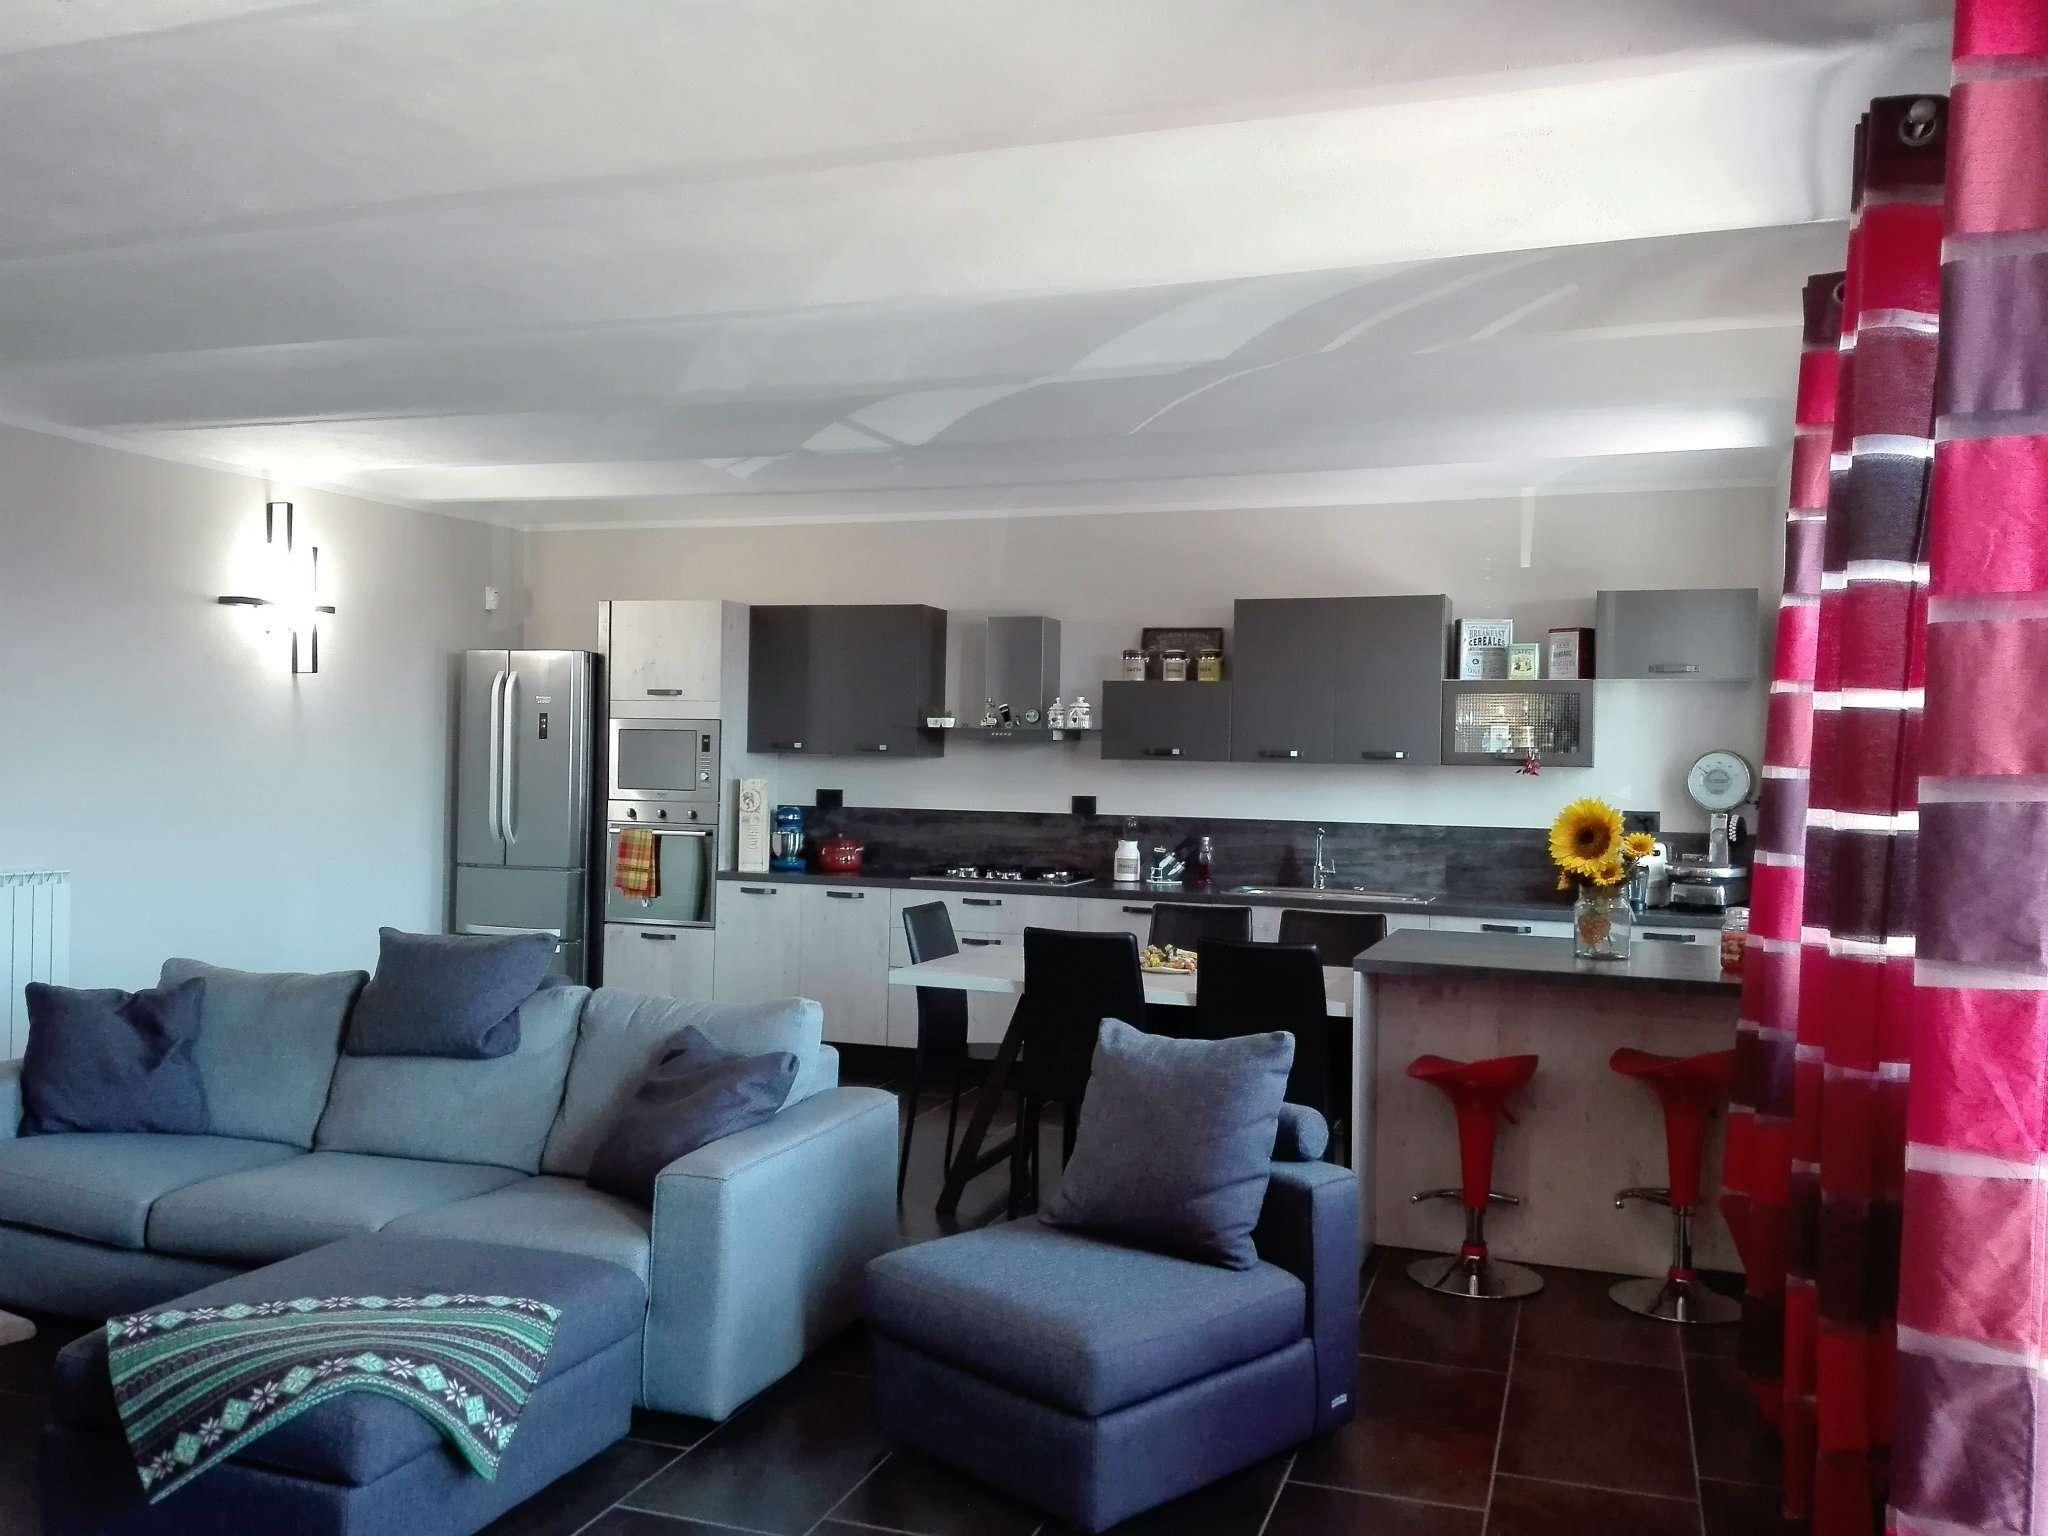 Appartamento in vendita a Moriondo Torinese, 3 locali, prezzo € 155.000 | CambioCasa.it